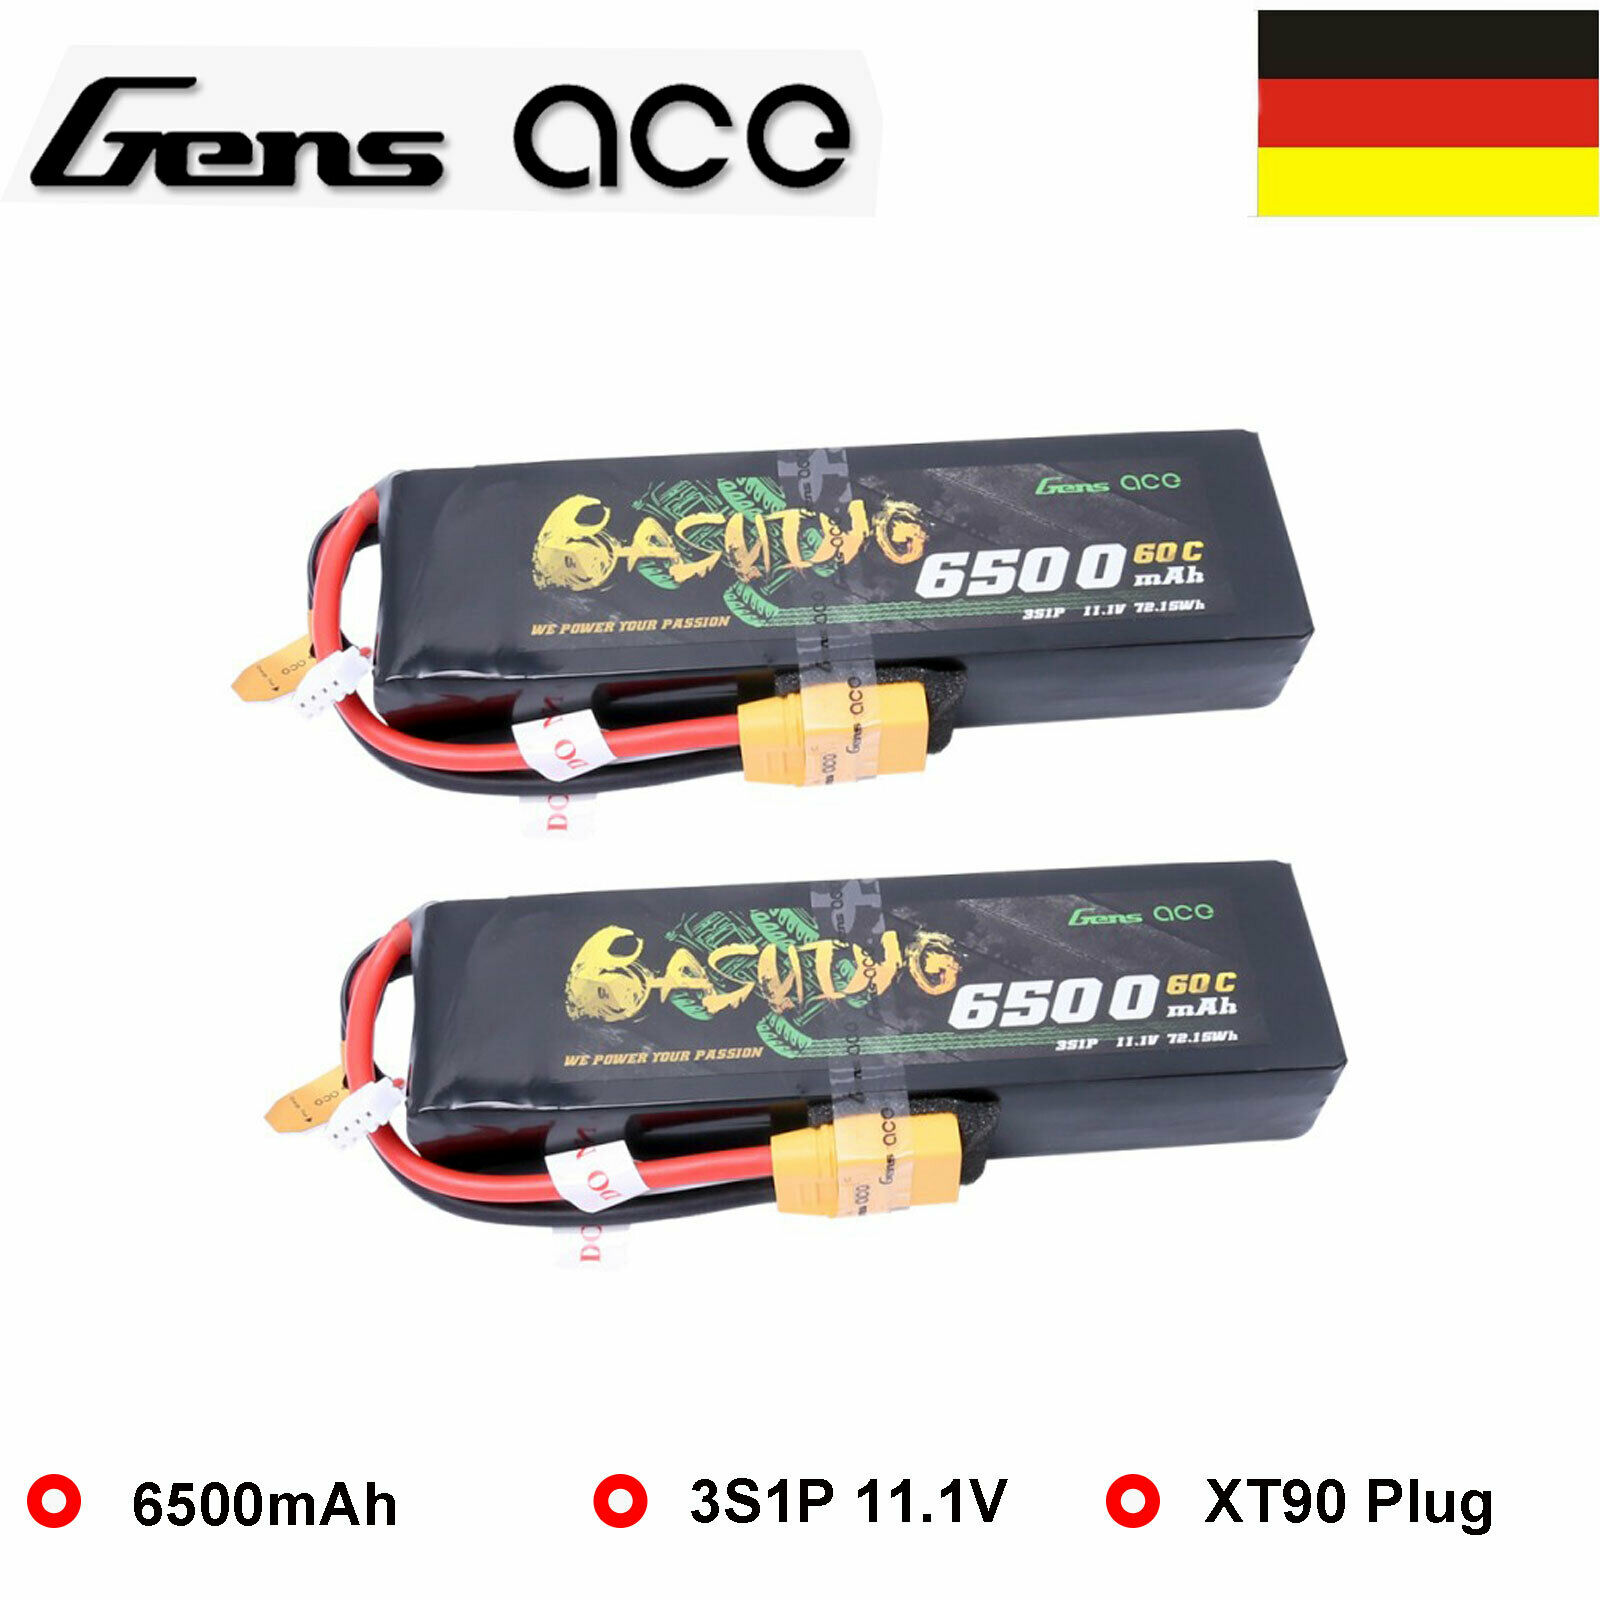 2 x 6500mAh batería Lipo 3s 11.1V 60 C golpear el paquete de baterías de coche del RC 1 8 XT90 enchufe